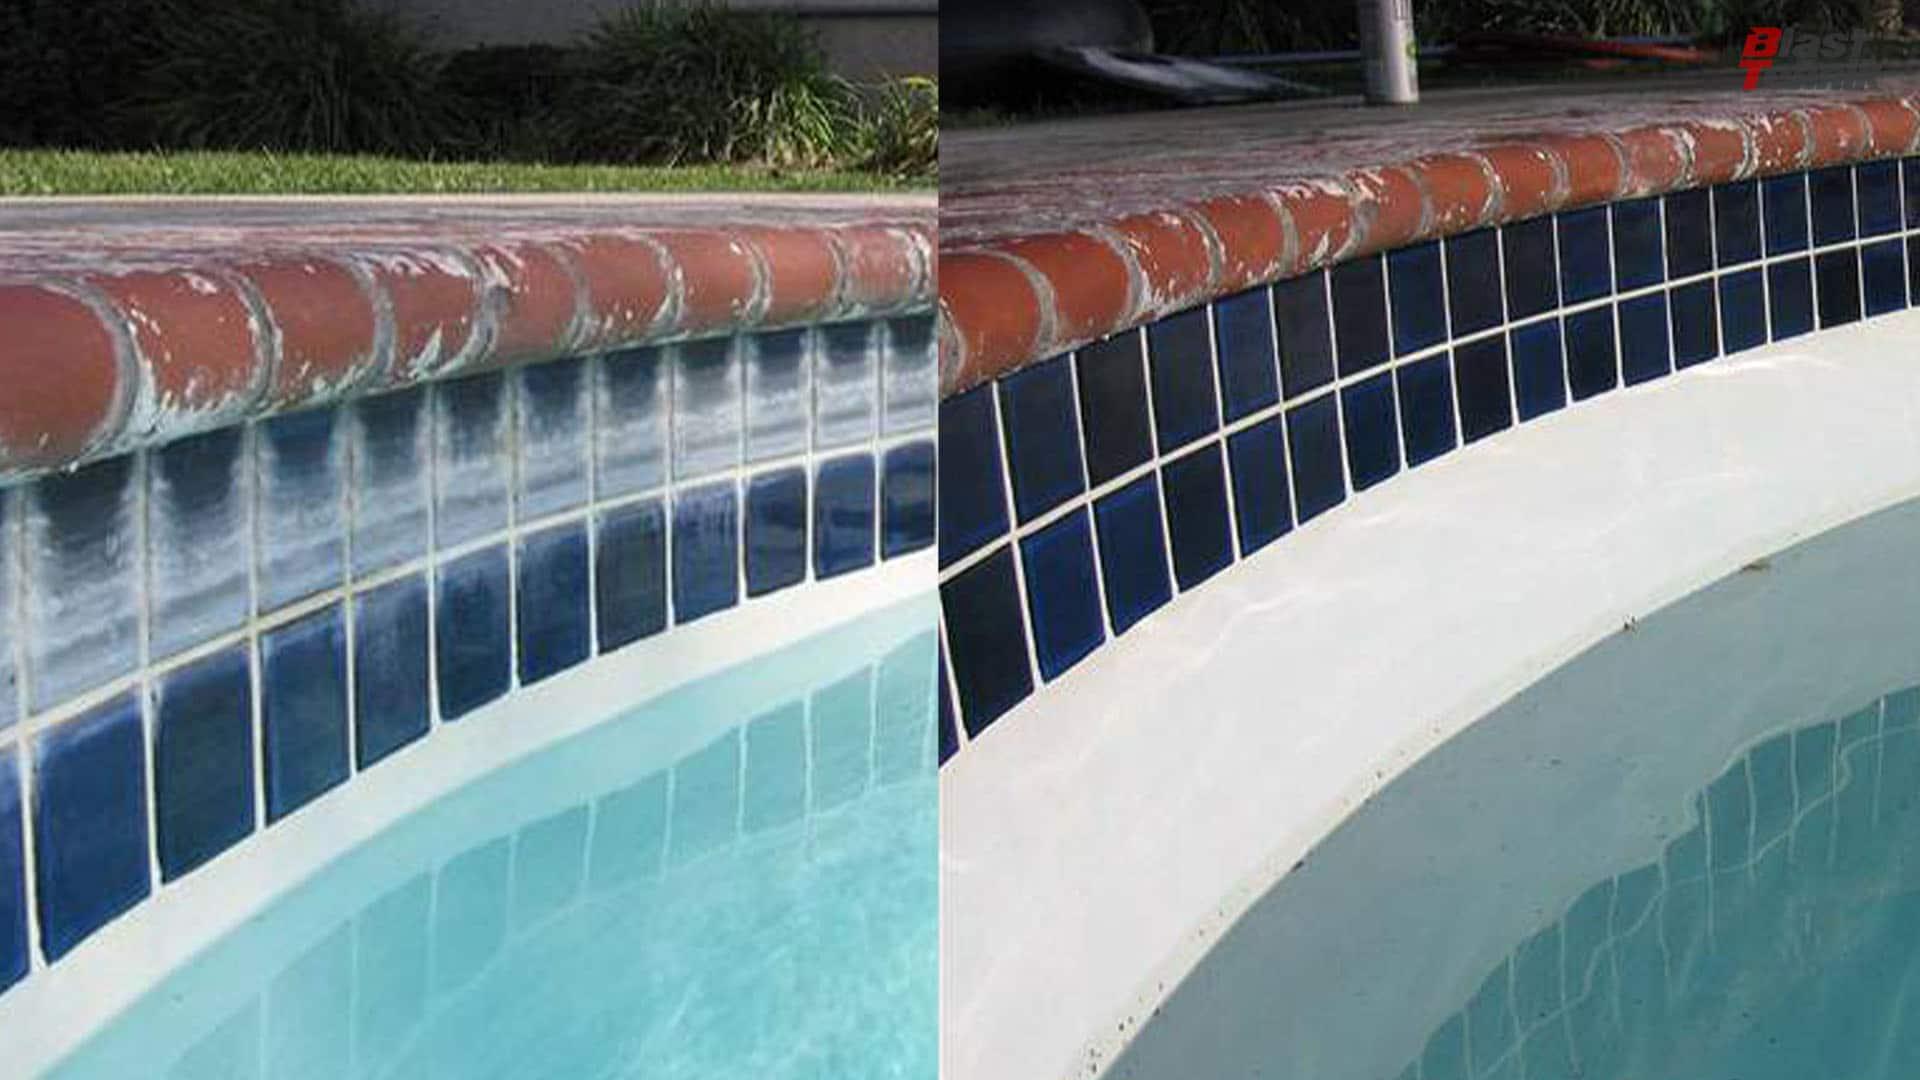 Čiščenje bazenov in keramičnih ploščic